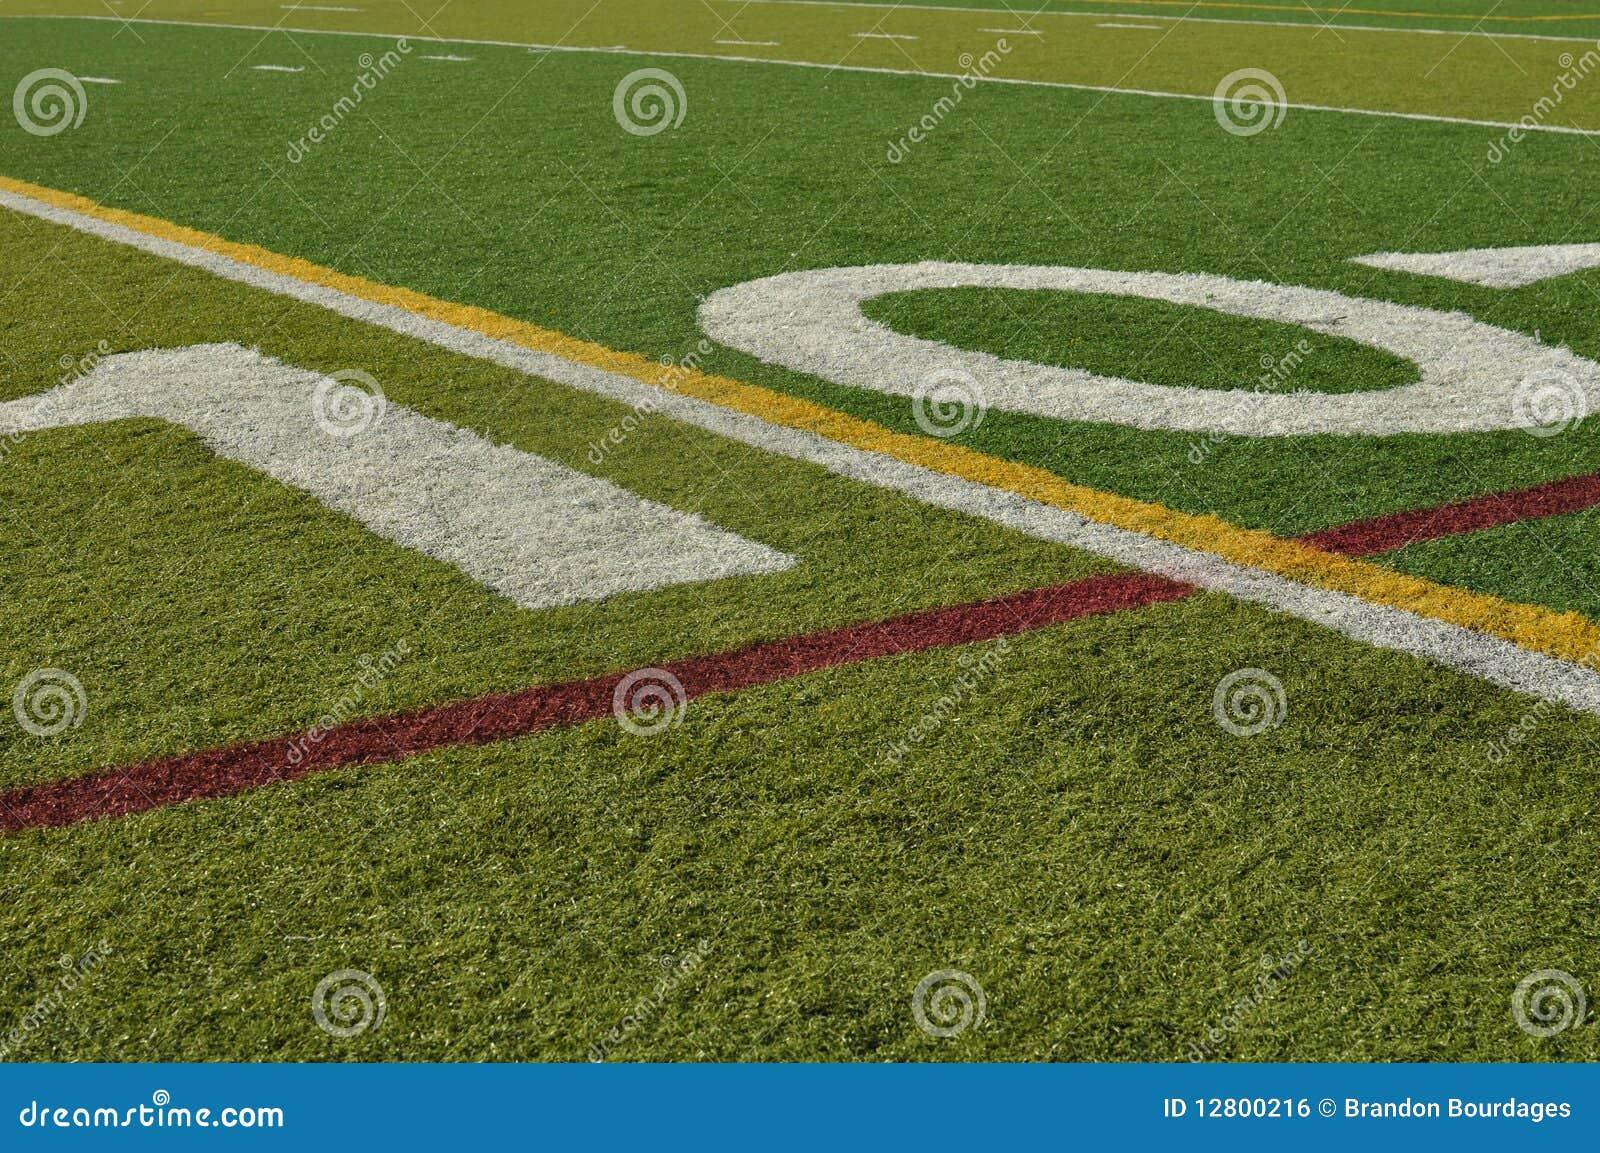 Dez linha de jardas campo de futebol